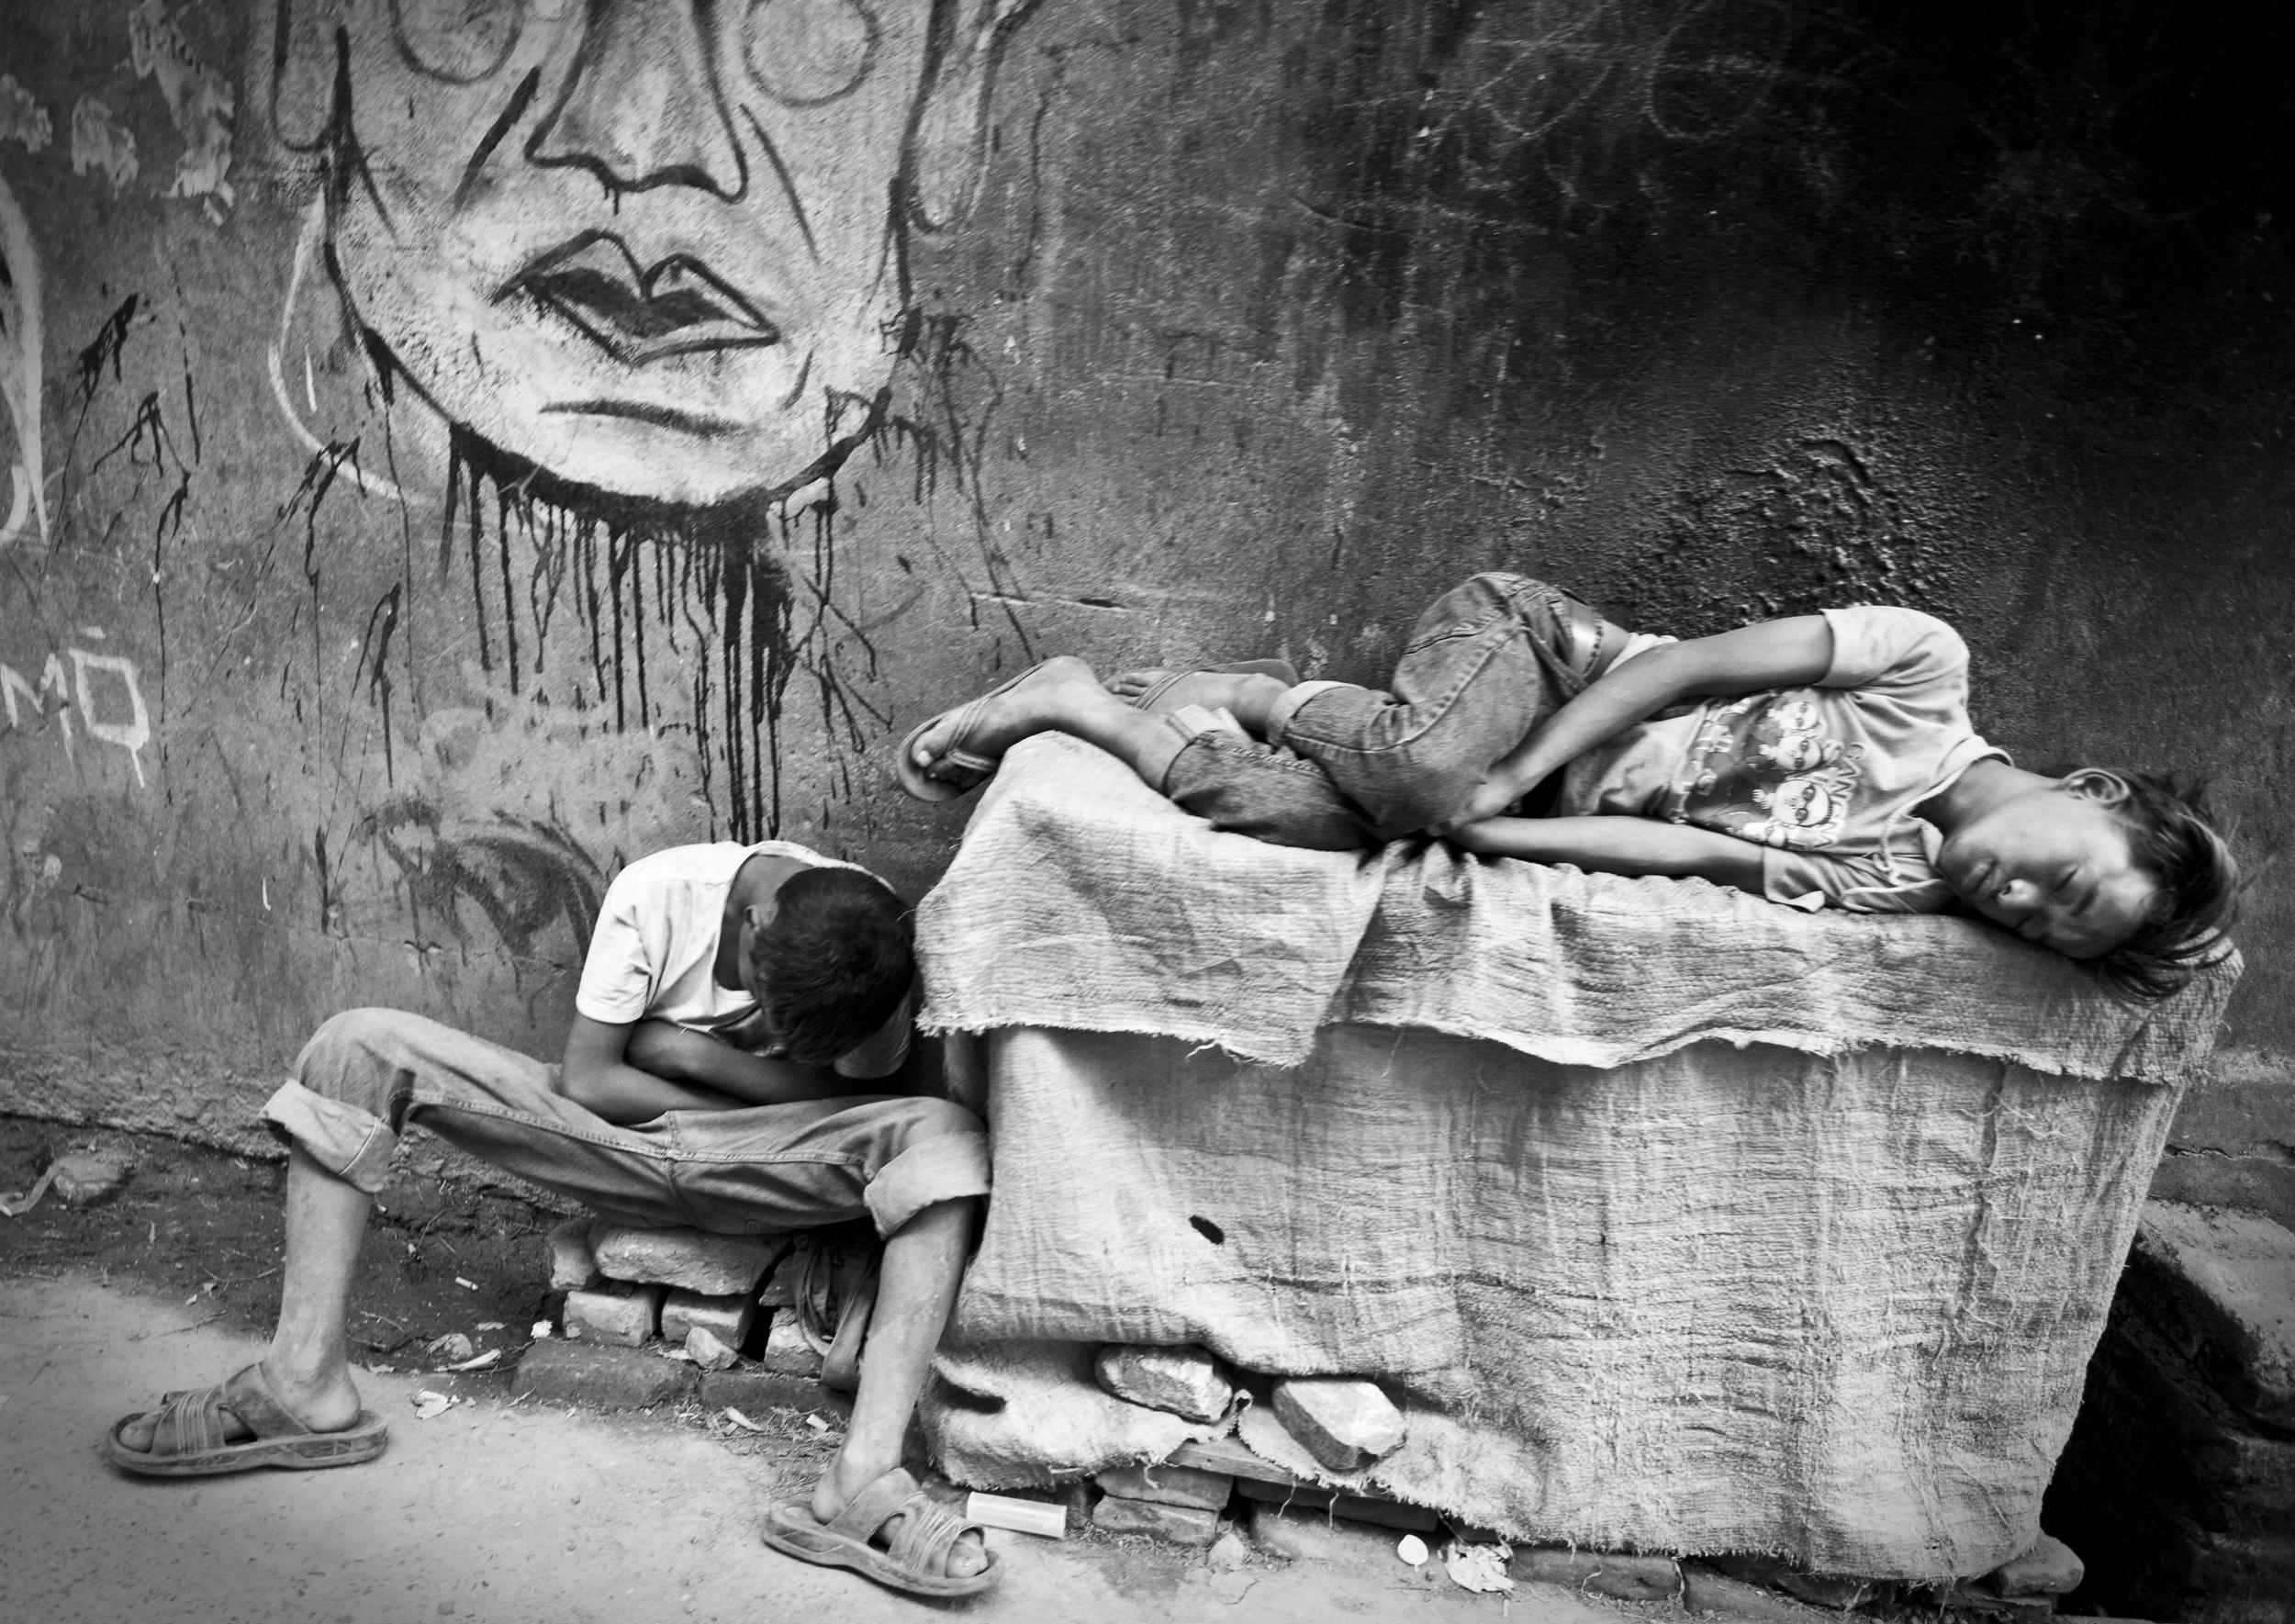 Nepal_homeless_boys copy.jpg